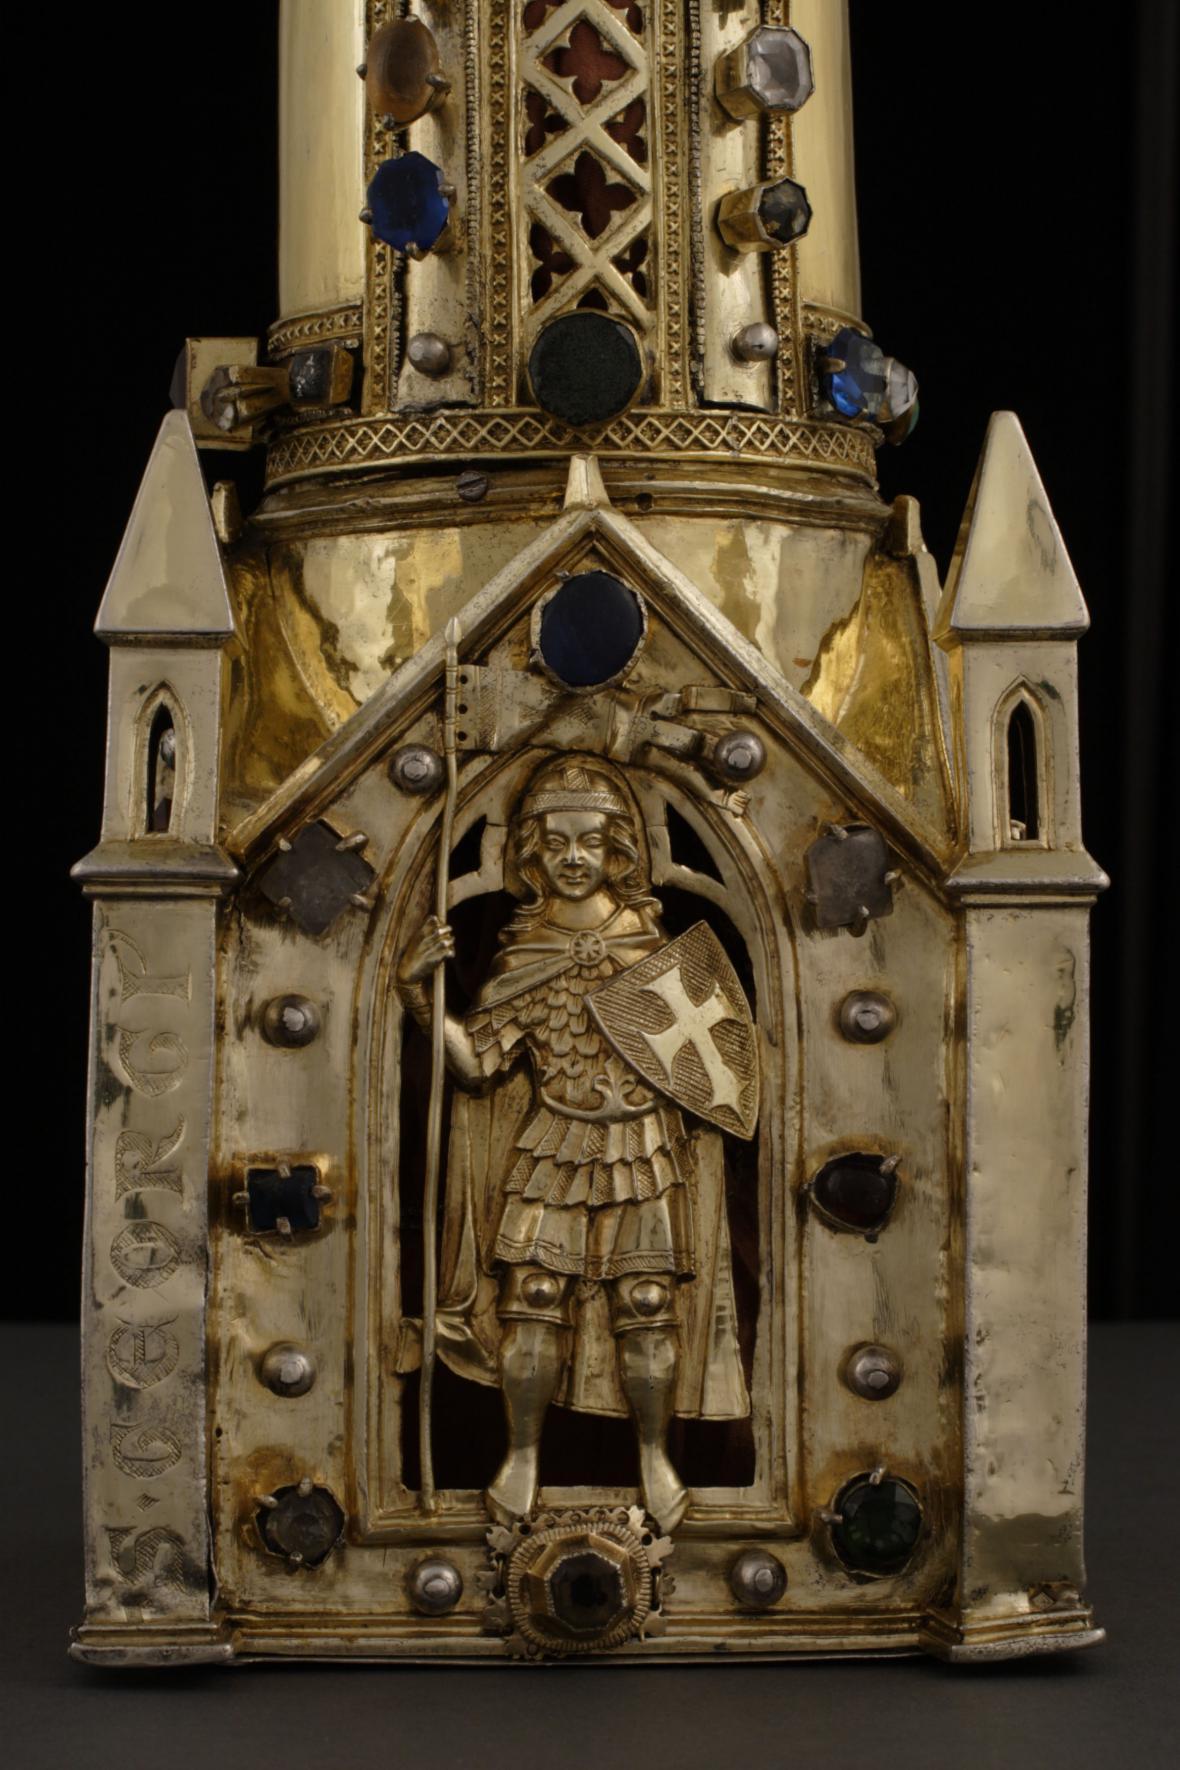 Relikviář paže sv. Jiří z kláštera sv. Jiří na Pražském hradě